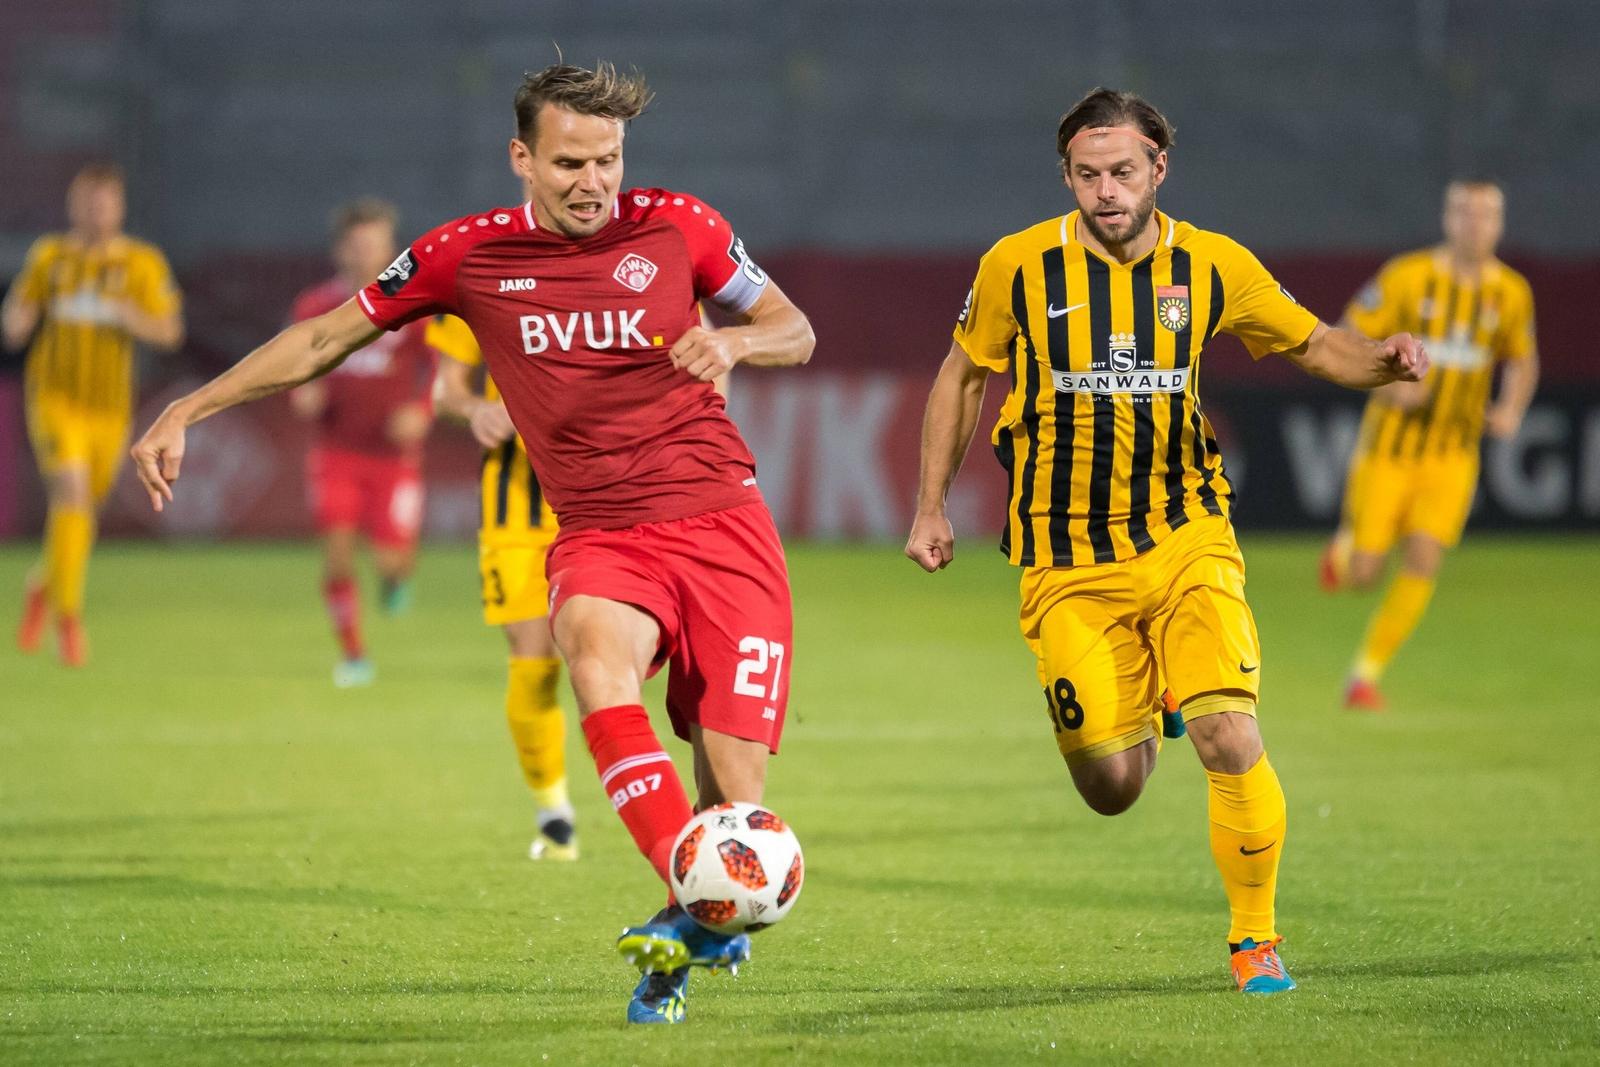 Sebastian Schuppan von den Würzburger Kickers gegen Timo Röttger von Großaspach